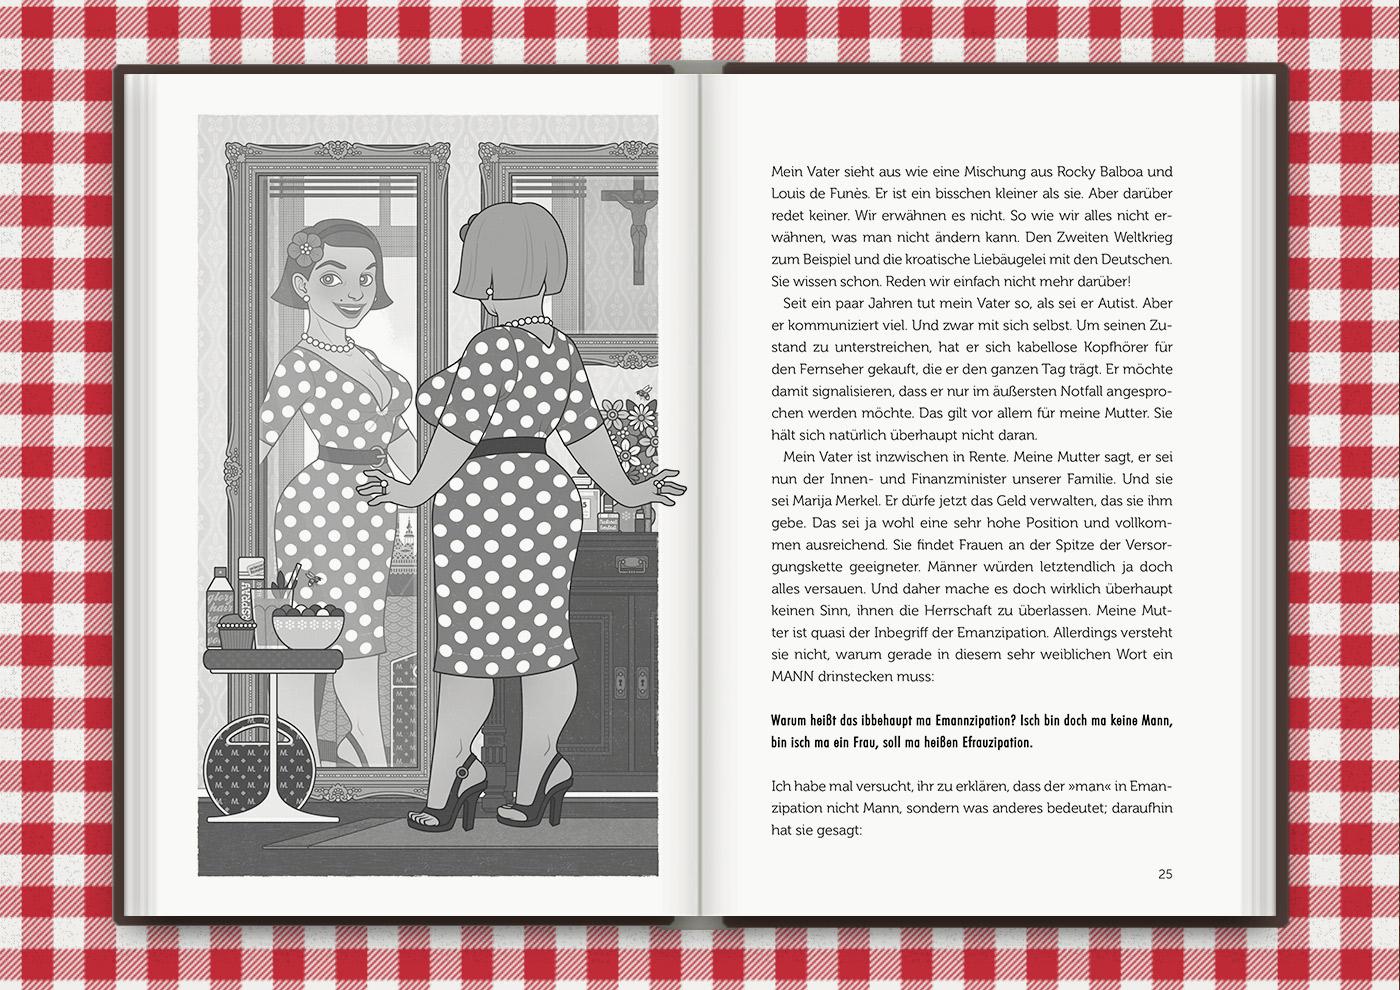 Illustration von Mimi Fiedlers selbstbewusster Mutter Marija, für das Buch Brauchsu keine Doktor, brauchsu nur diese Buch – Die Balkantherapie für Liebe, Leib und Leben von Mimi Fiedler im MVG Verlag